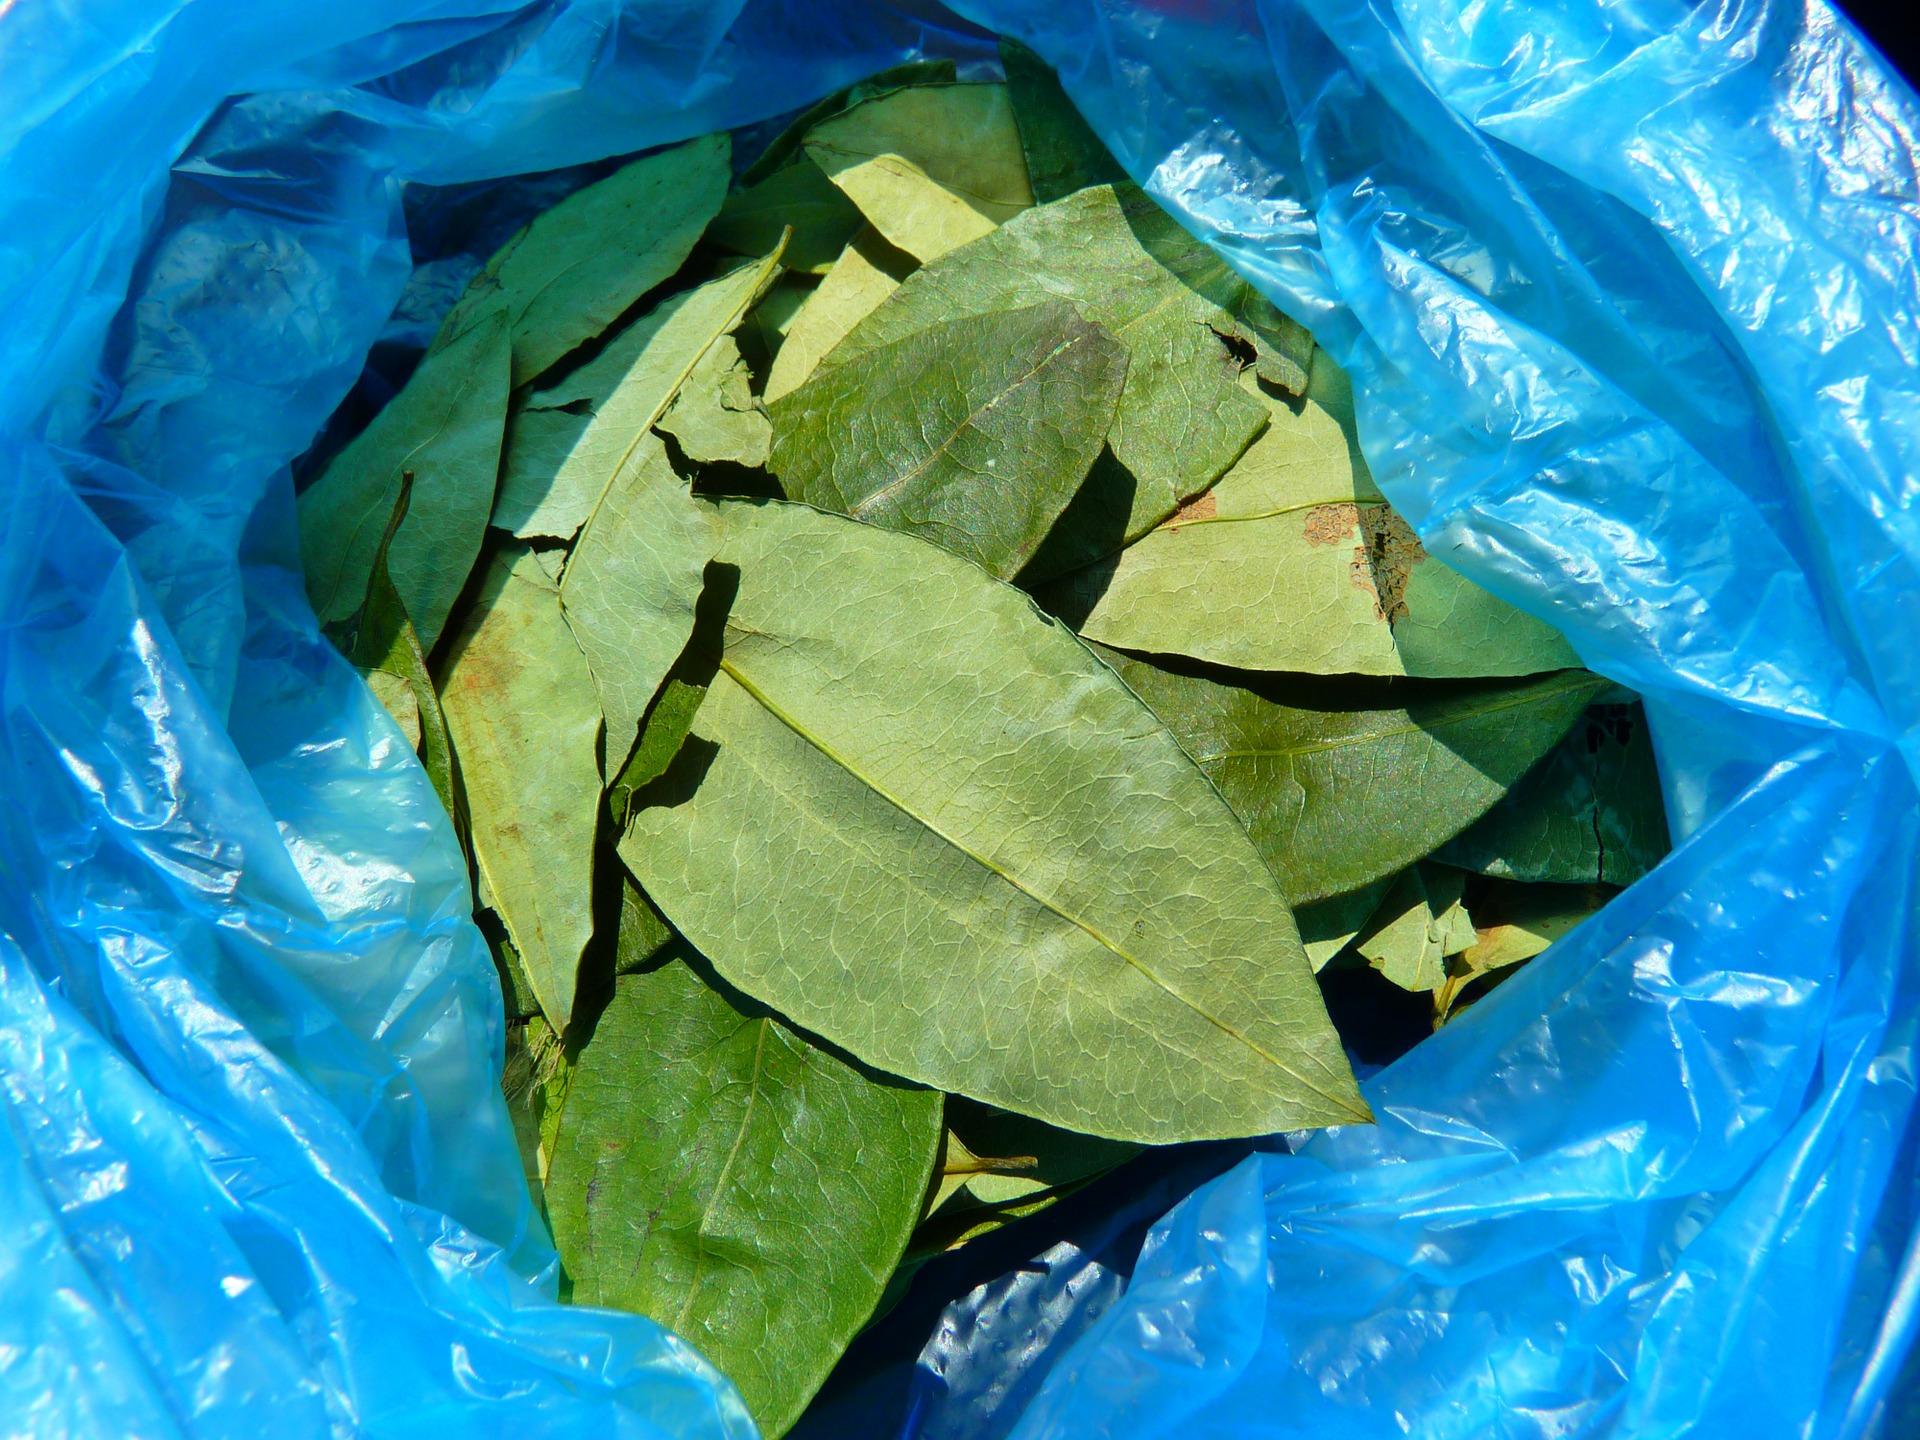 tak wyglądają suszone liście koki